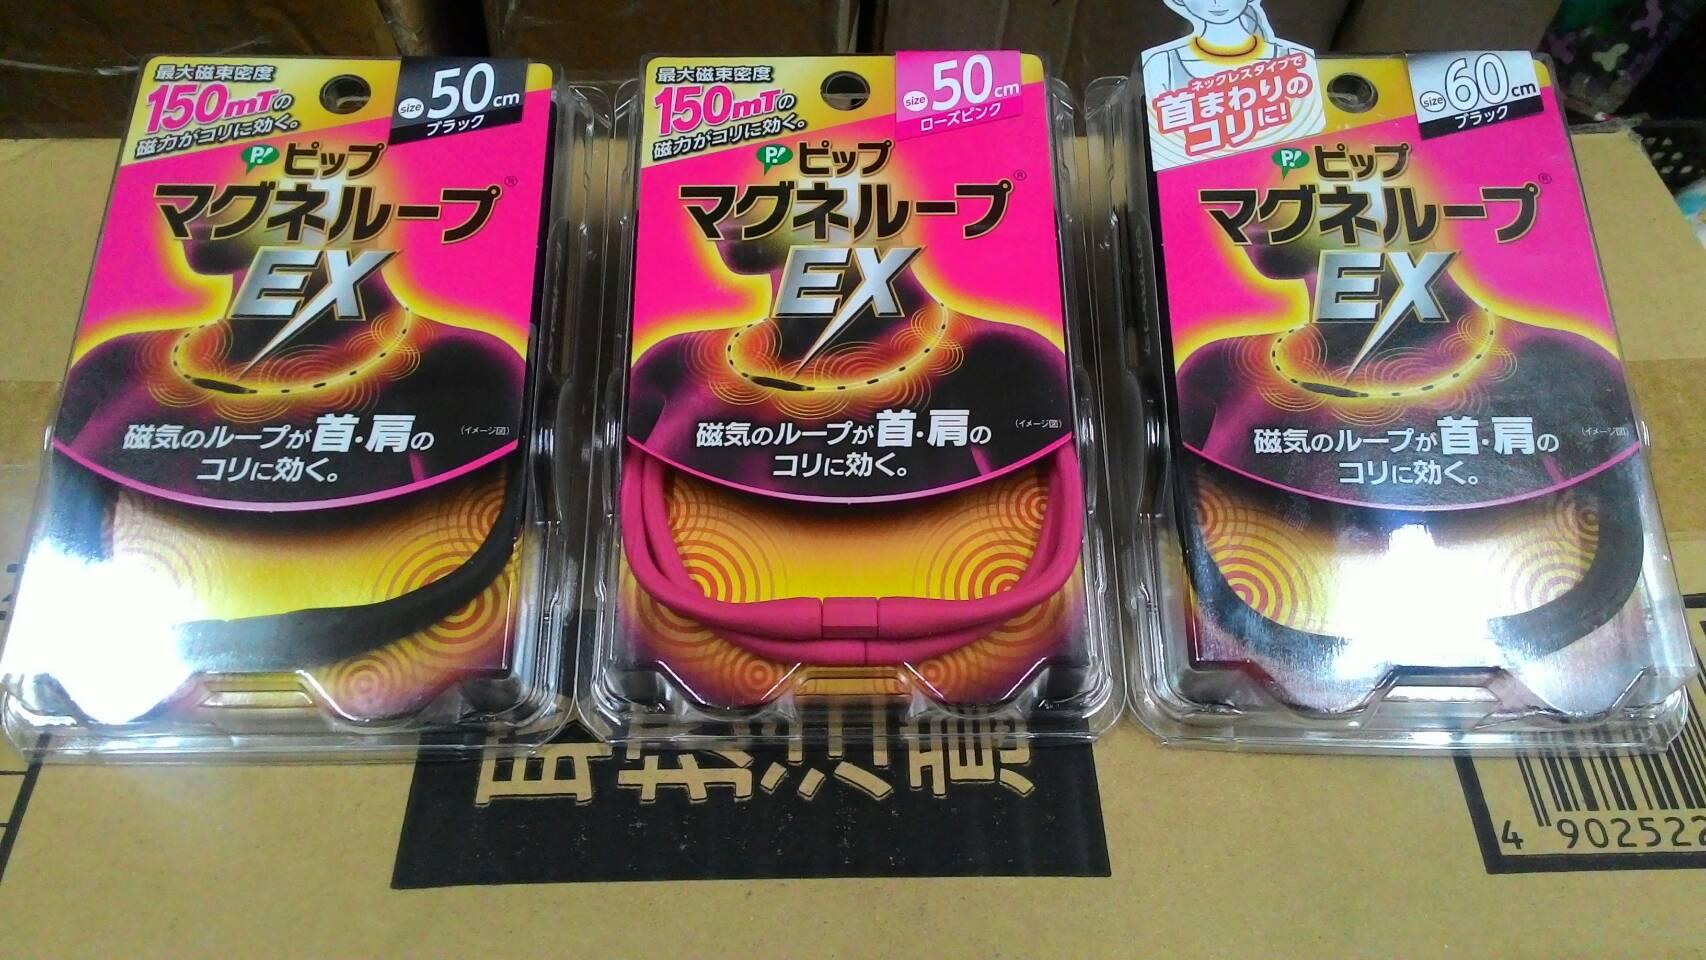 2018新款 日本原裝進口 EX 1500高斯 加強版 磁力項圈 20粒磁石 50cm 60cm 母親節禮物 父親節禮物 生日禮物 爸爸節 88節